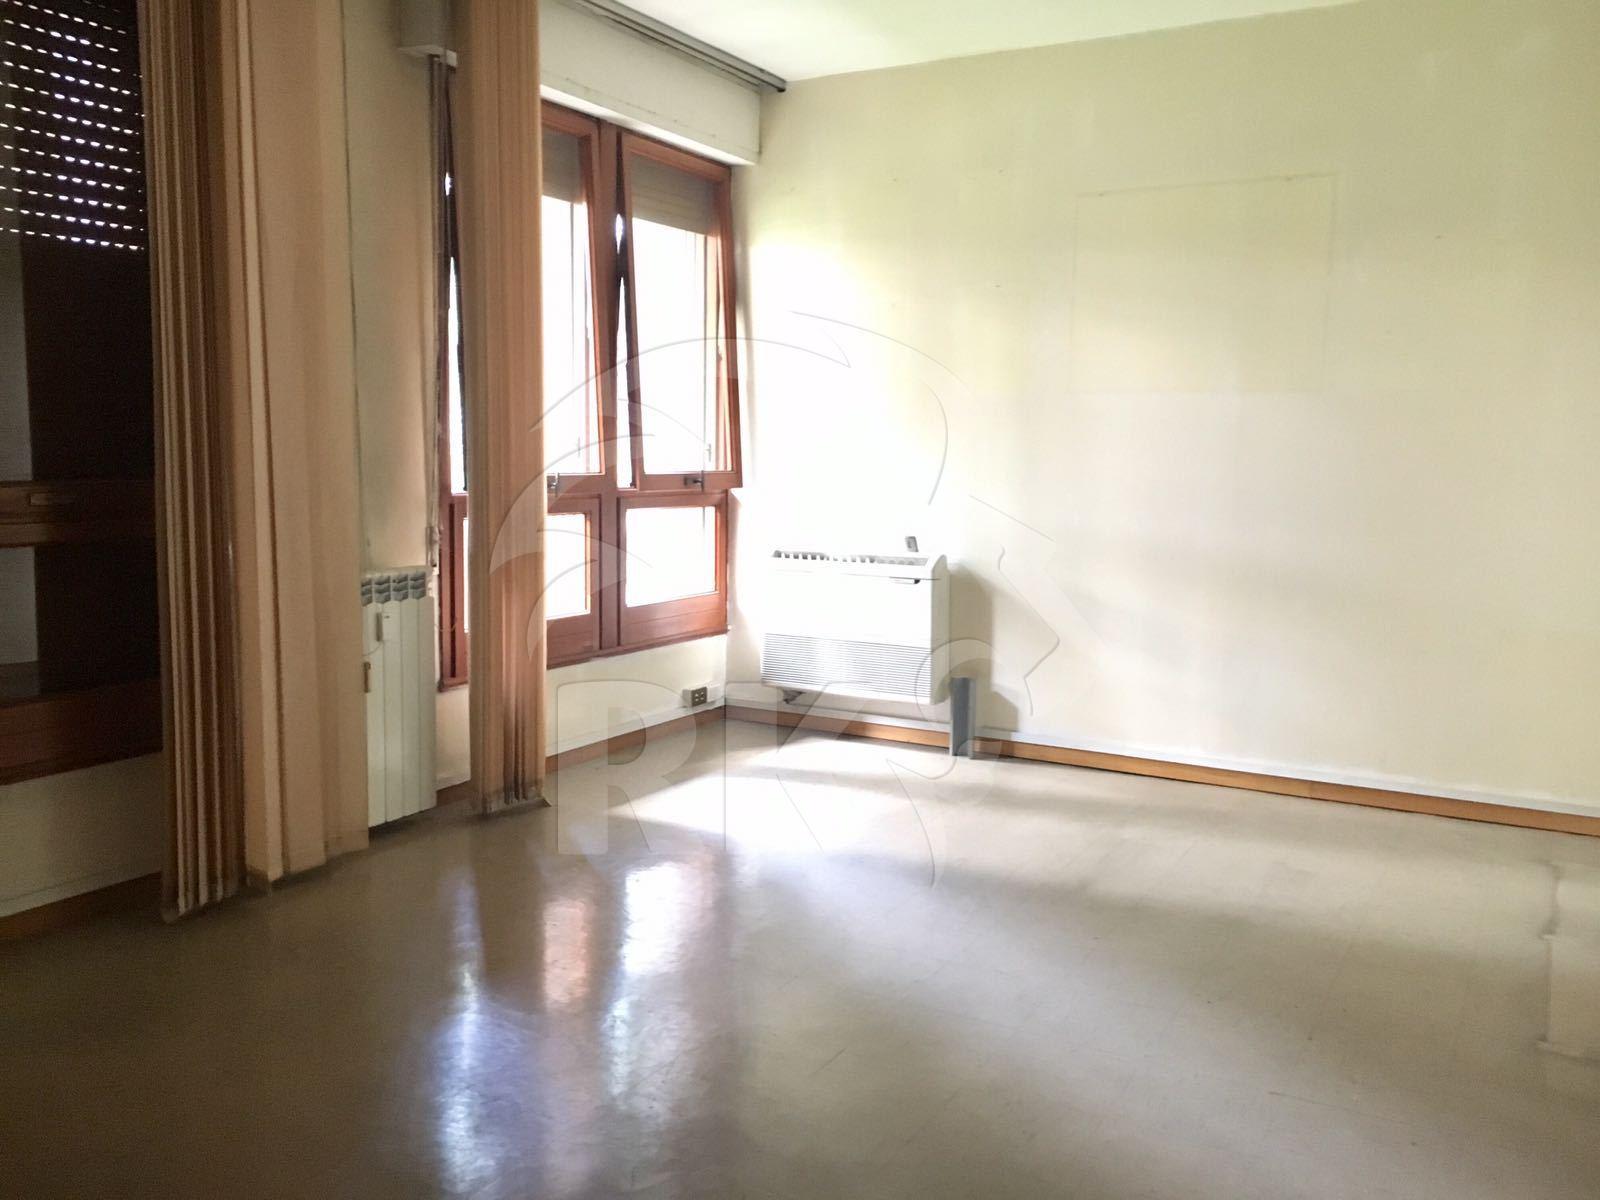 Ufficio ufficio di rappresentanza in vendita roma eur for Vendesi ufficio roma